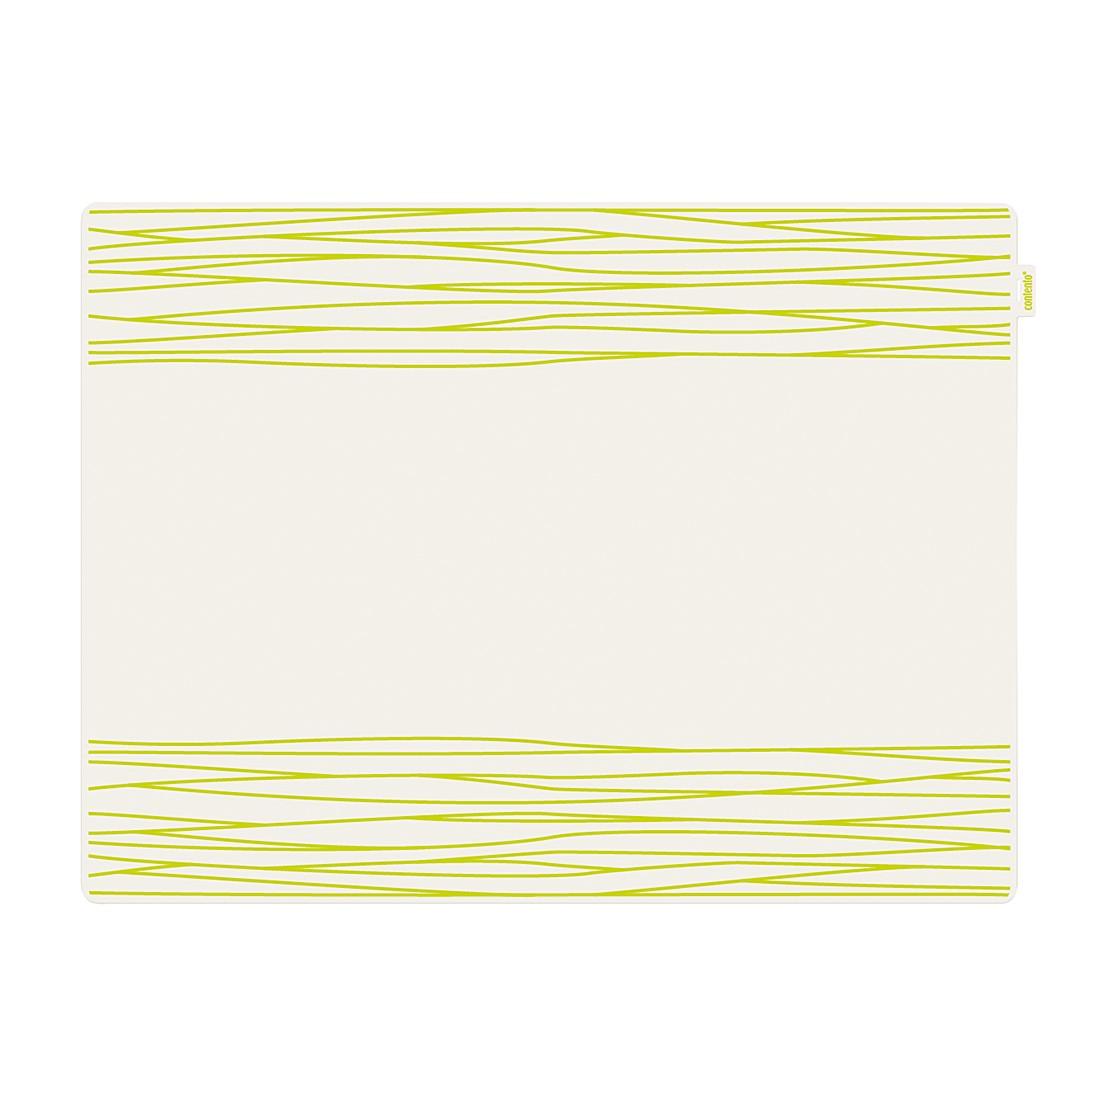 Tischset Jay (6er-Set) – Silikon Grün, Contento online kaufen